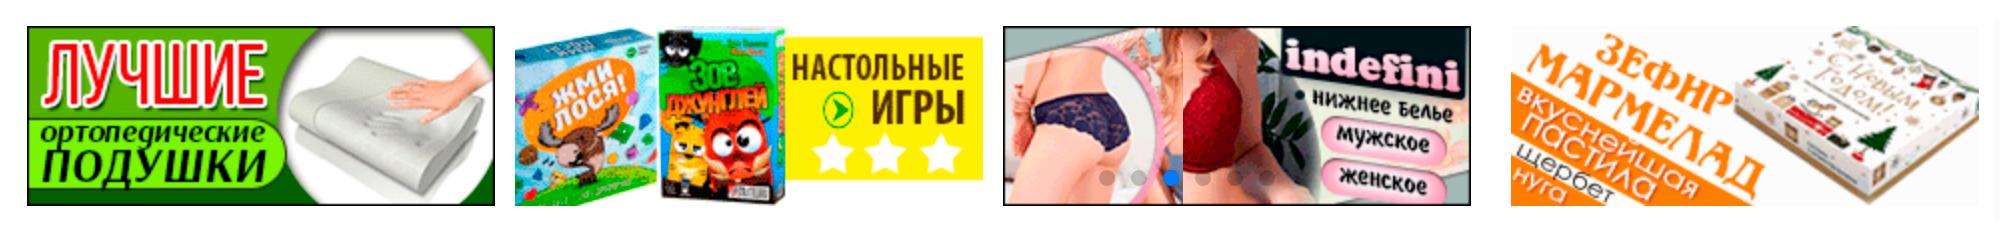 Линейка рекламных баннеров-ссылок видна каждому участнику на любой странице сайта. Такой баннер очень хорошо помогает собрать закупку